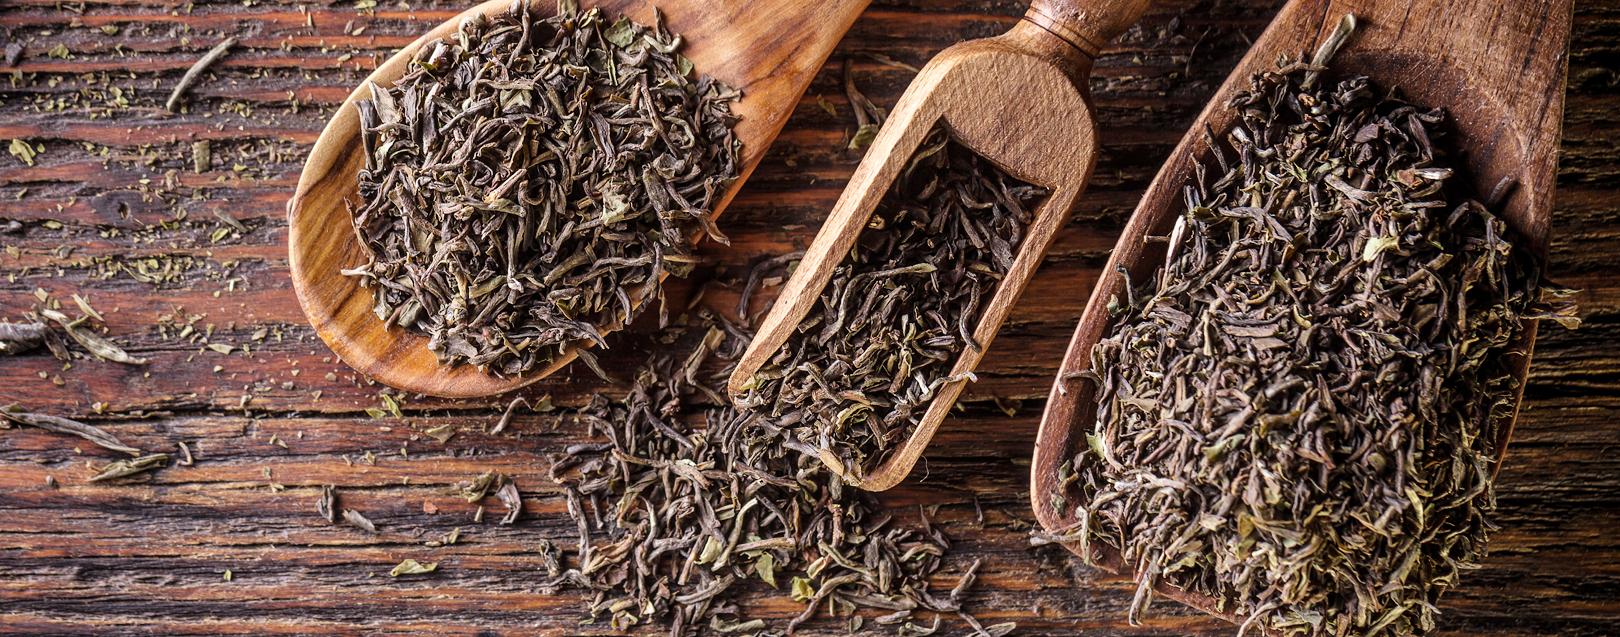 پخش مستقیم چای